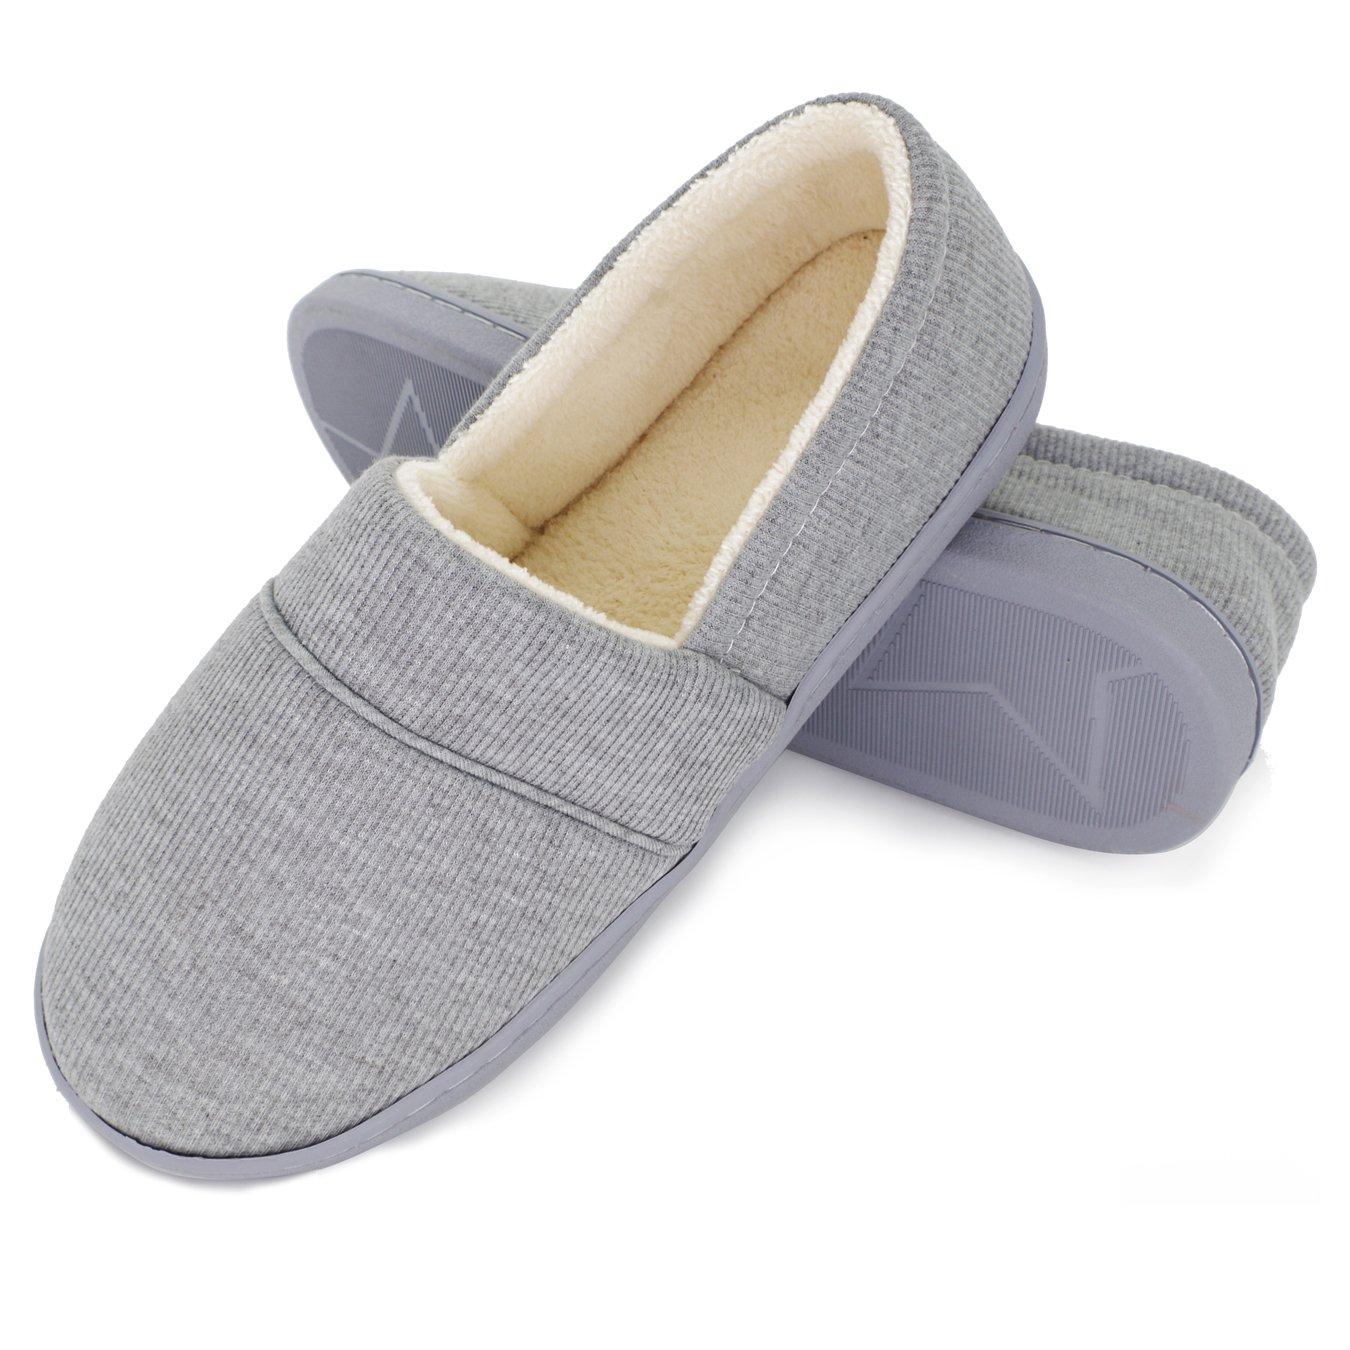 Moodeng Cotton Slippers for Women Knit Anti-Slip Lightweight Soft Comfort House Slippers Slip-on Velvety Home Shoes